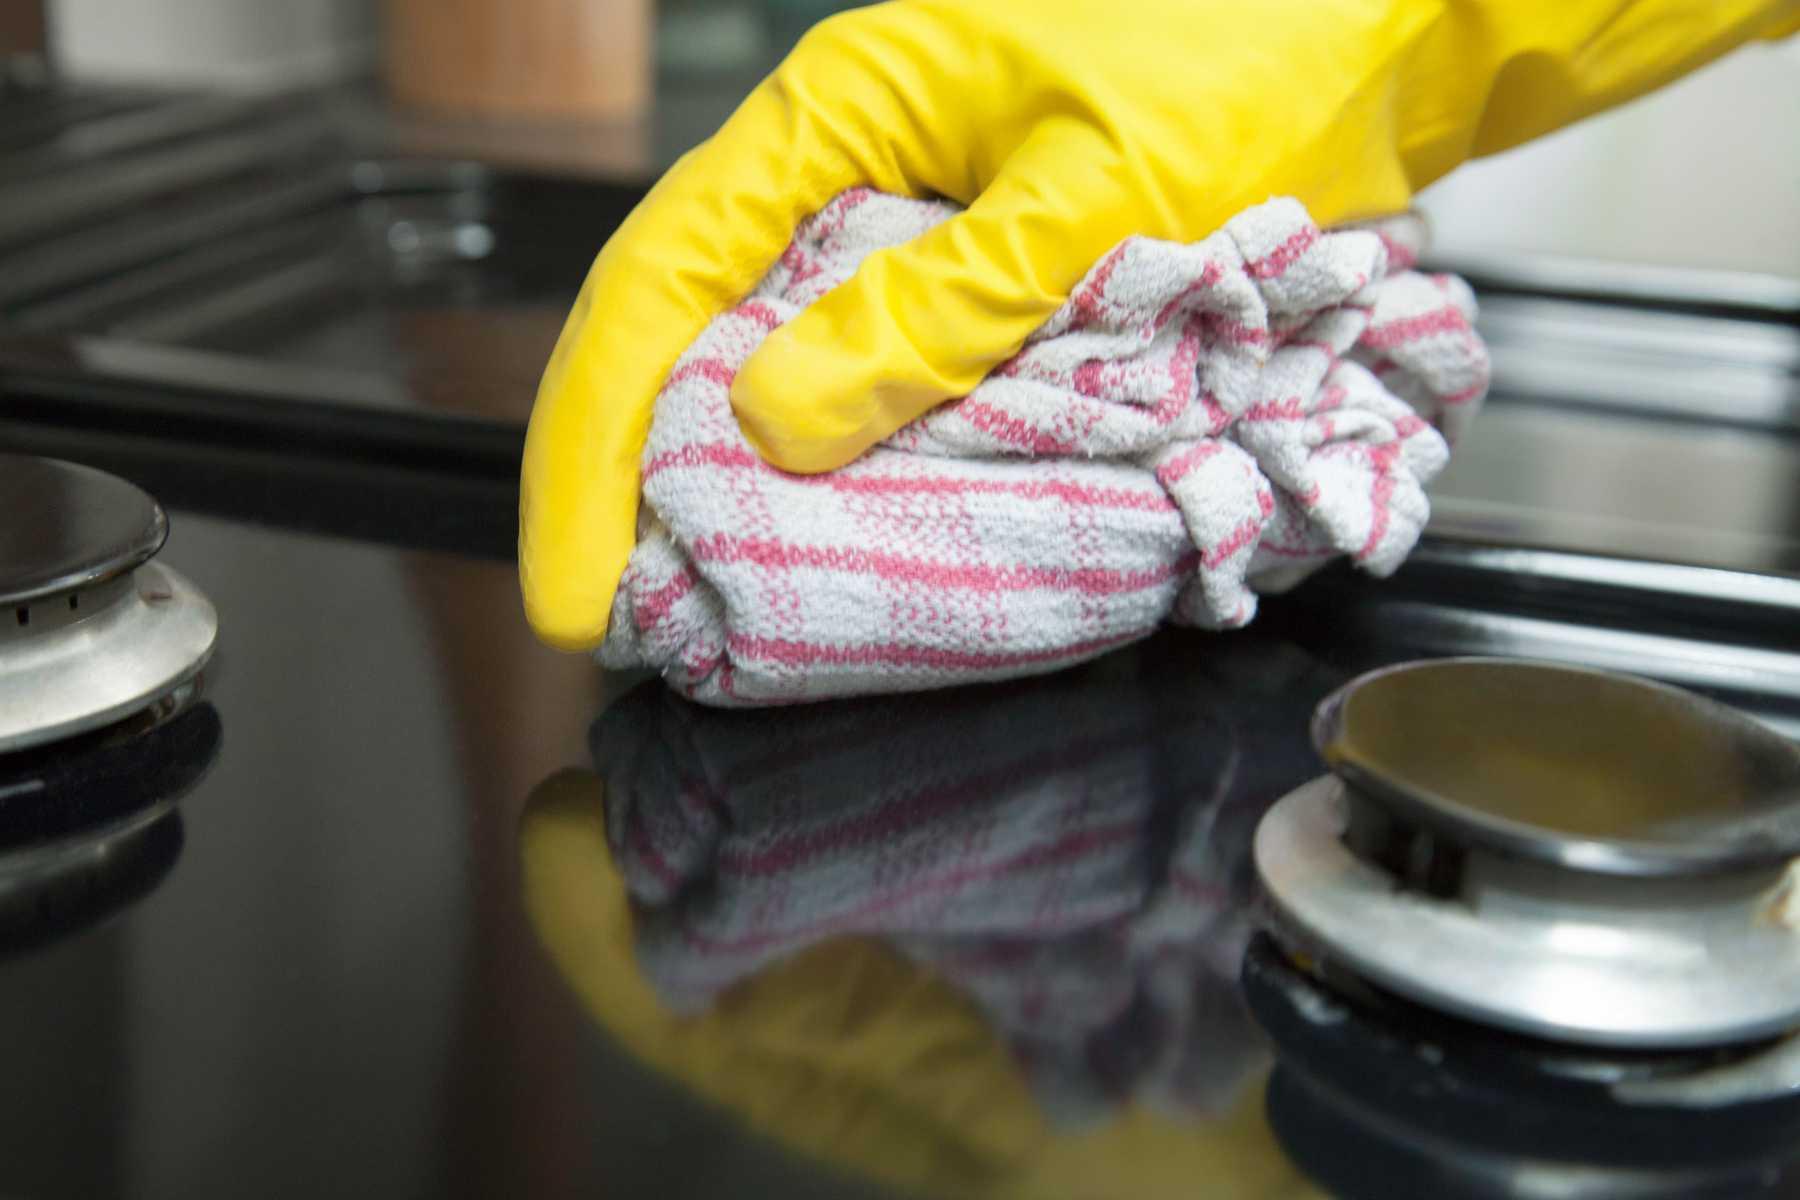 Bí quyết vệ sinh nhà bếp luôn sạch